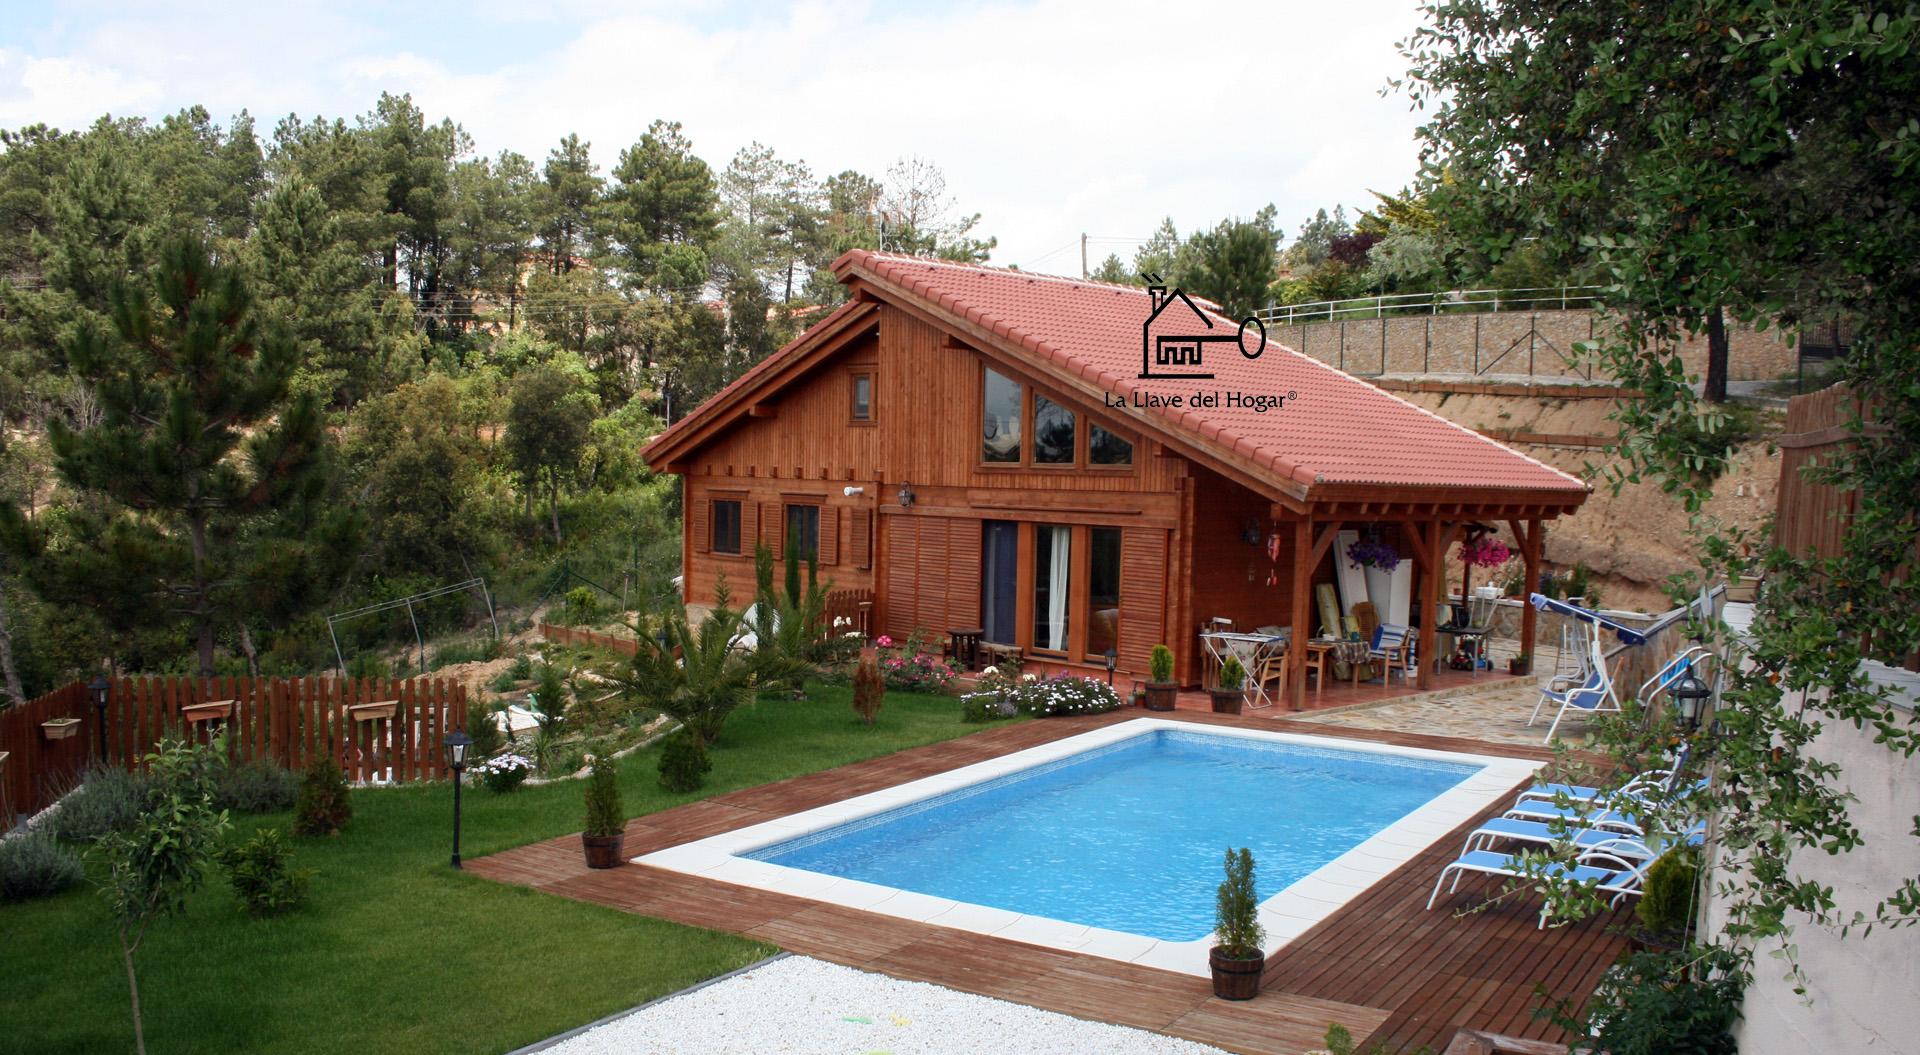 La llave del hogar casas de madera y entramado ligero for Casas de madera con piscina